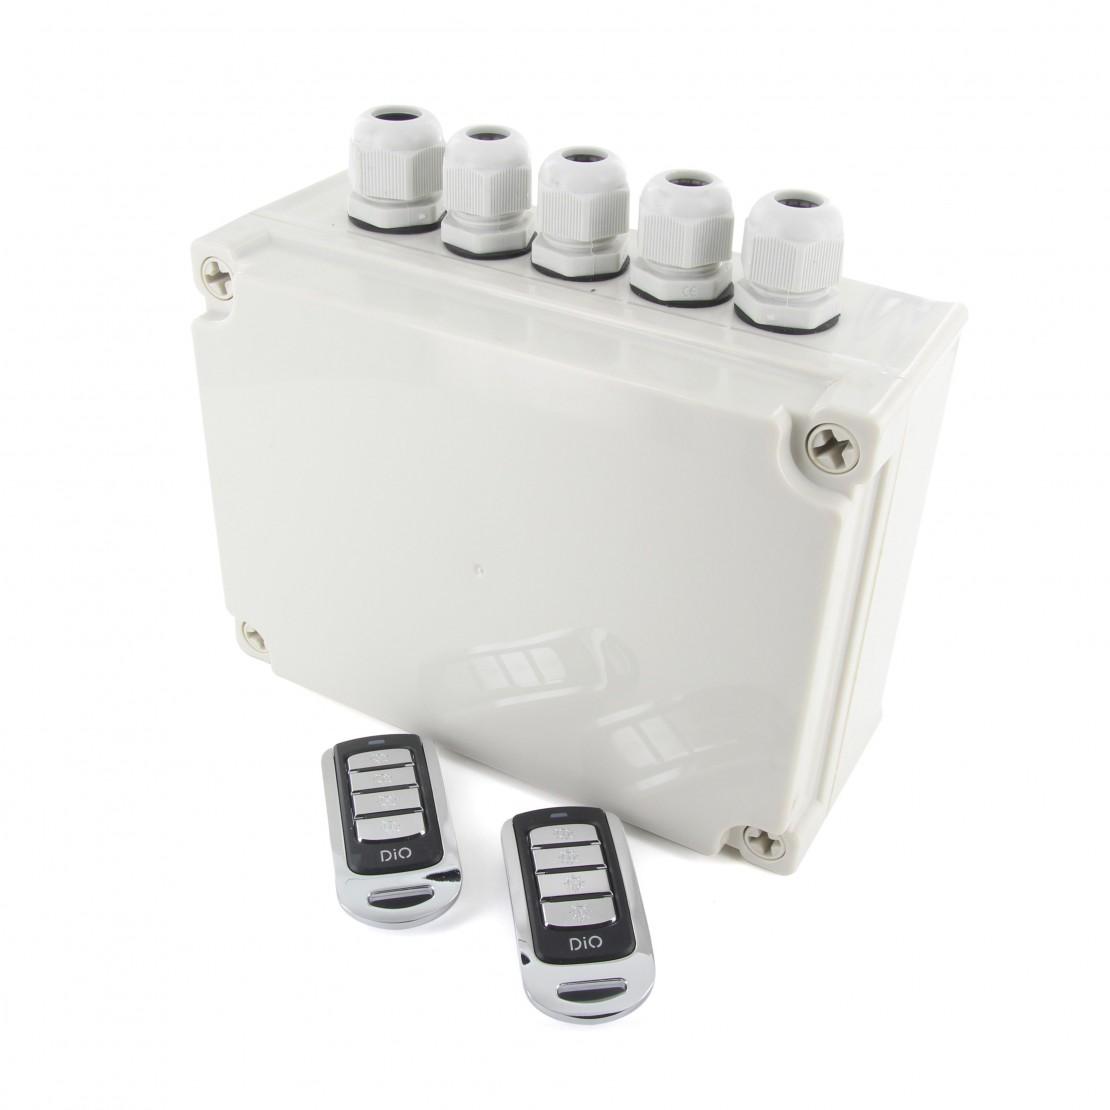 Kit Jardin avec 2 télécommande s 4 canaux